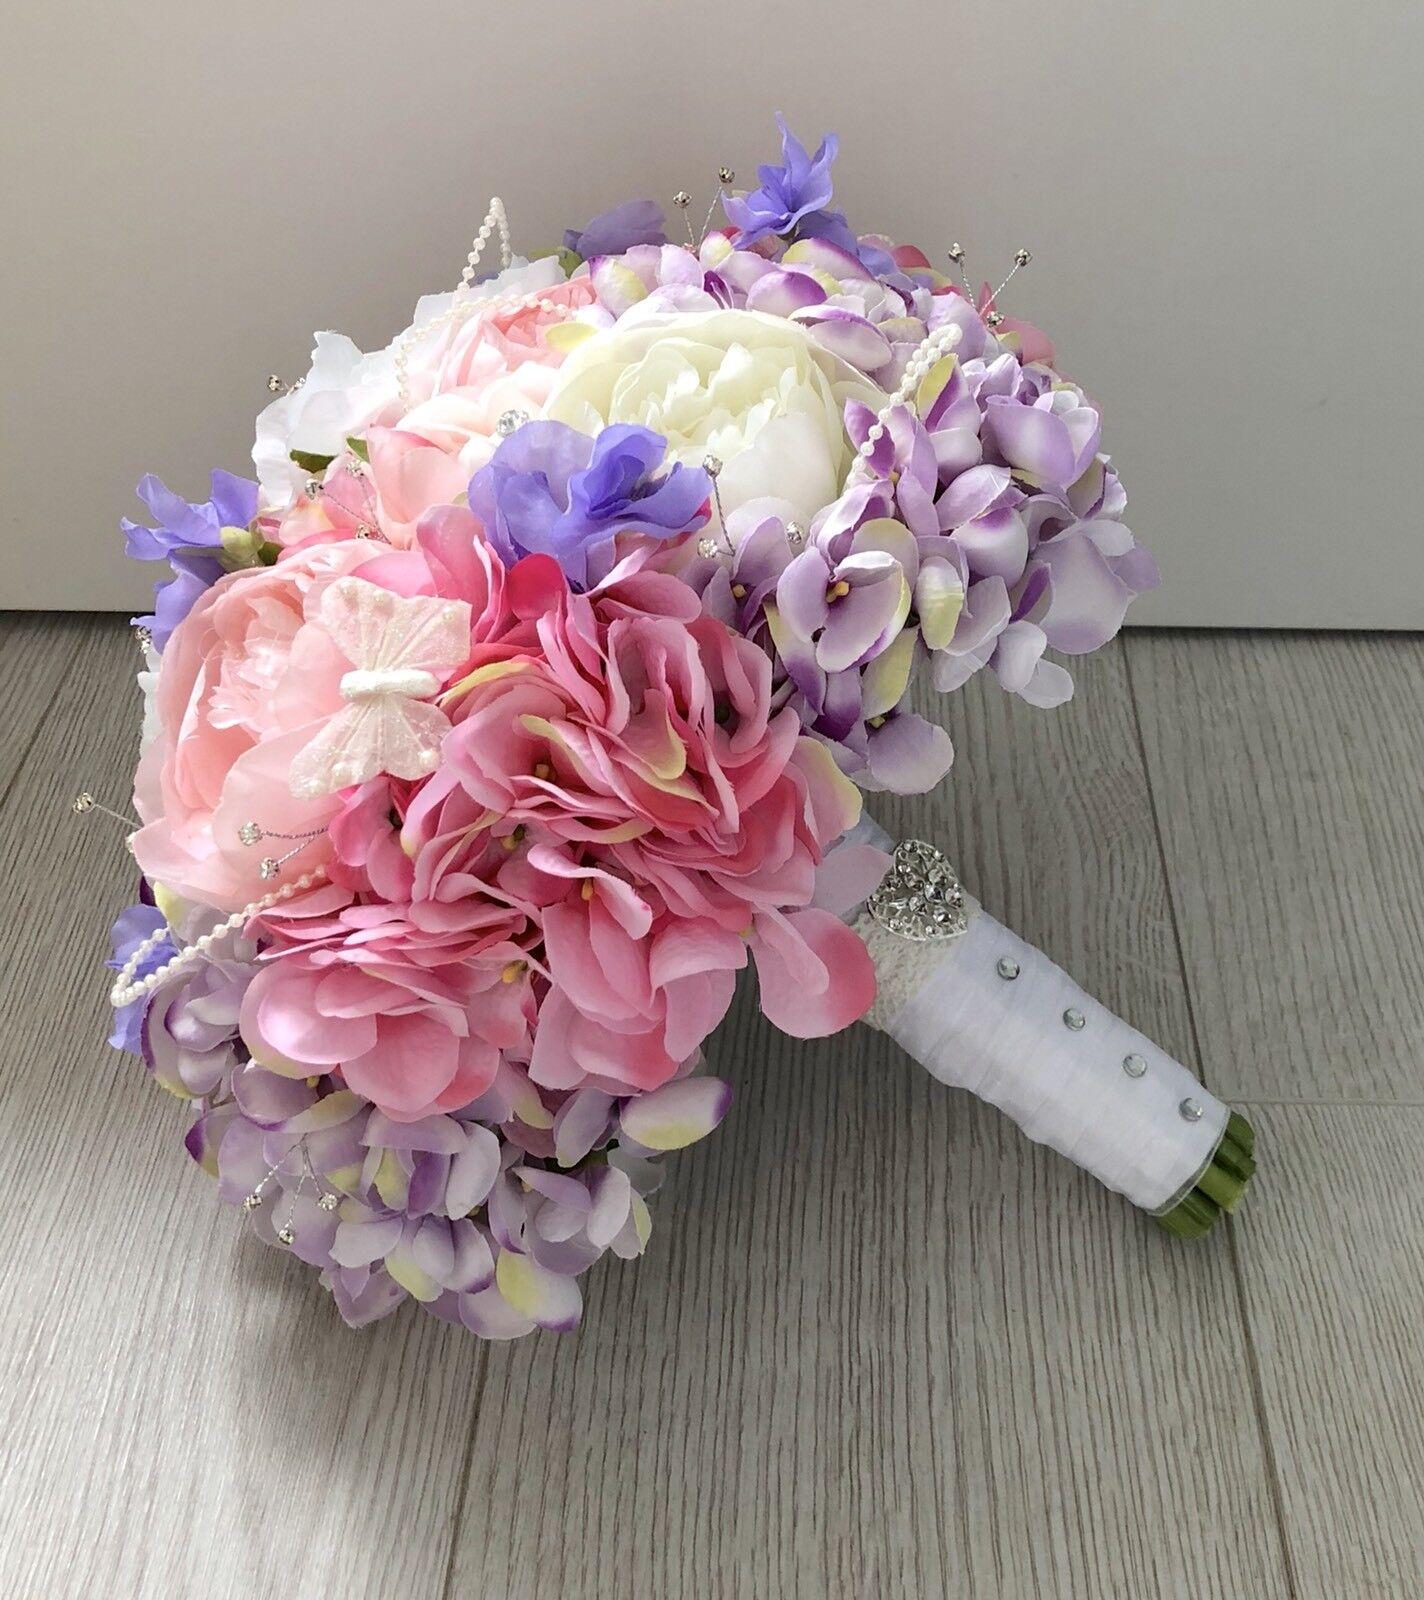 Nozze Fiori Fiori Fiori rosa Lilla Bianco Seta Sposa Bouquet Peonia ORTENSIA Sweet Pea 69b67c